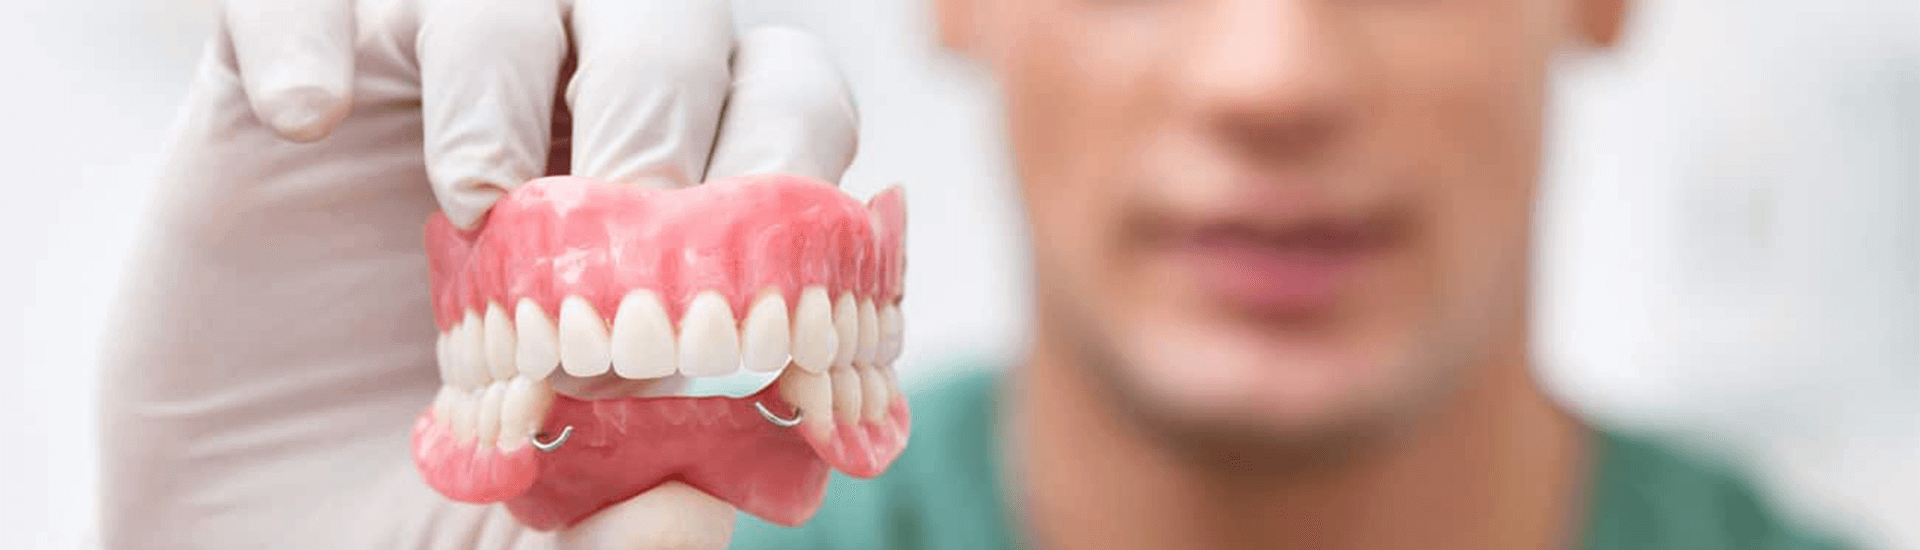 Слайд отбеливание зубов 32 зуба